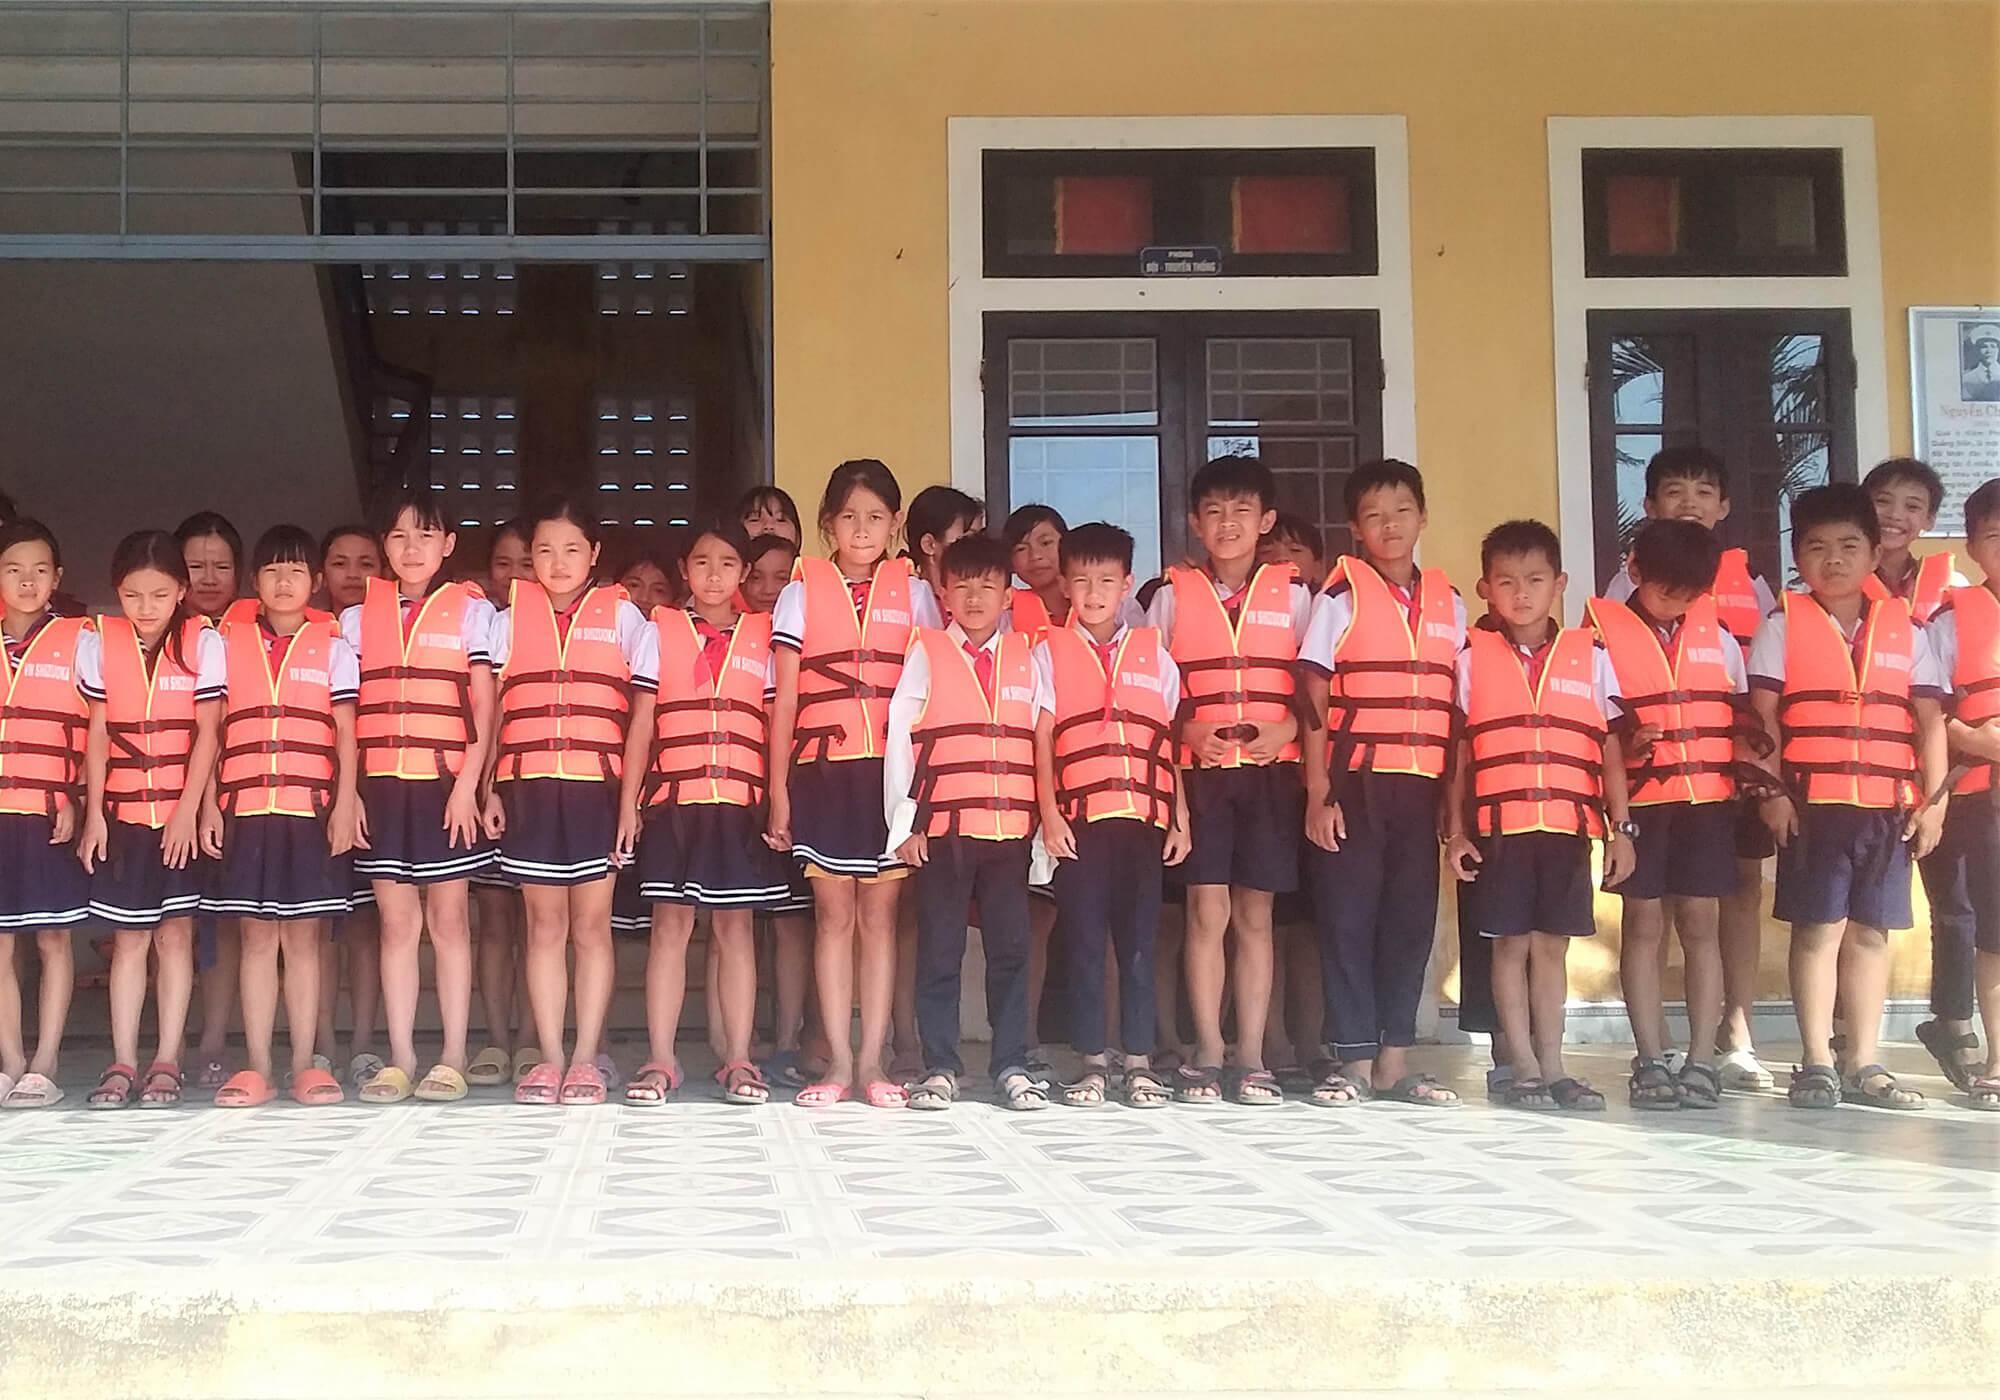 寄贈されたライフジャケットを着た子供たち